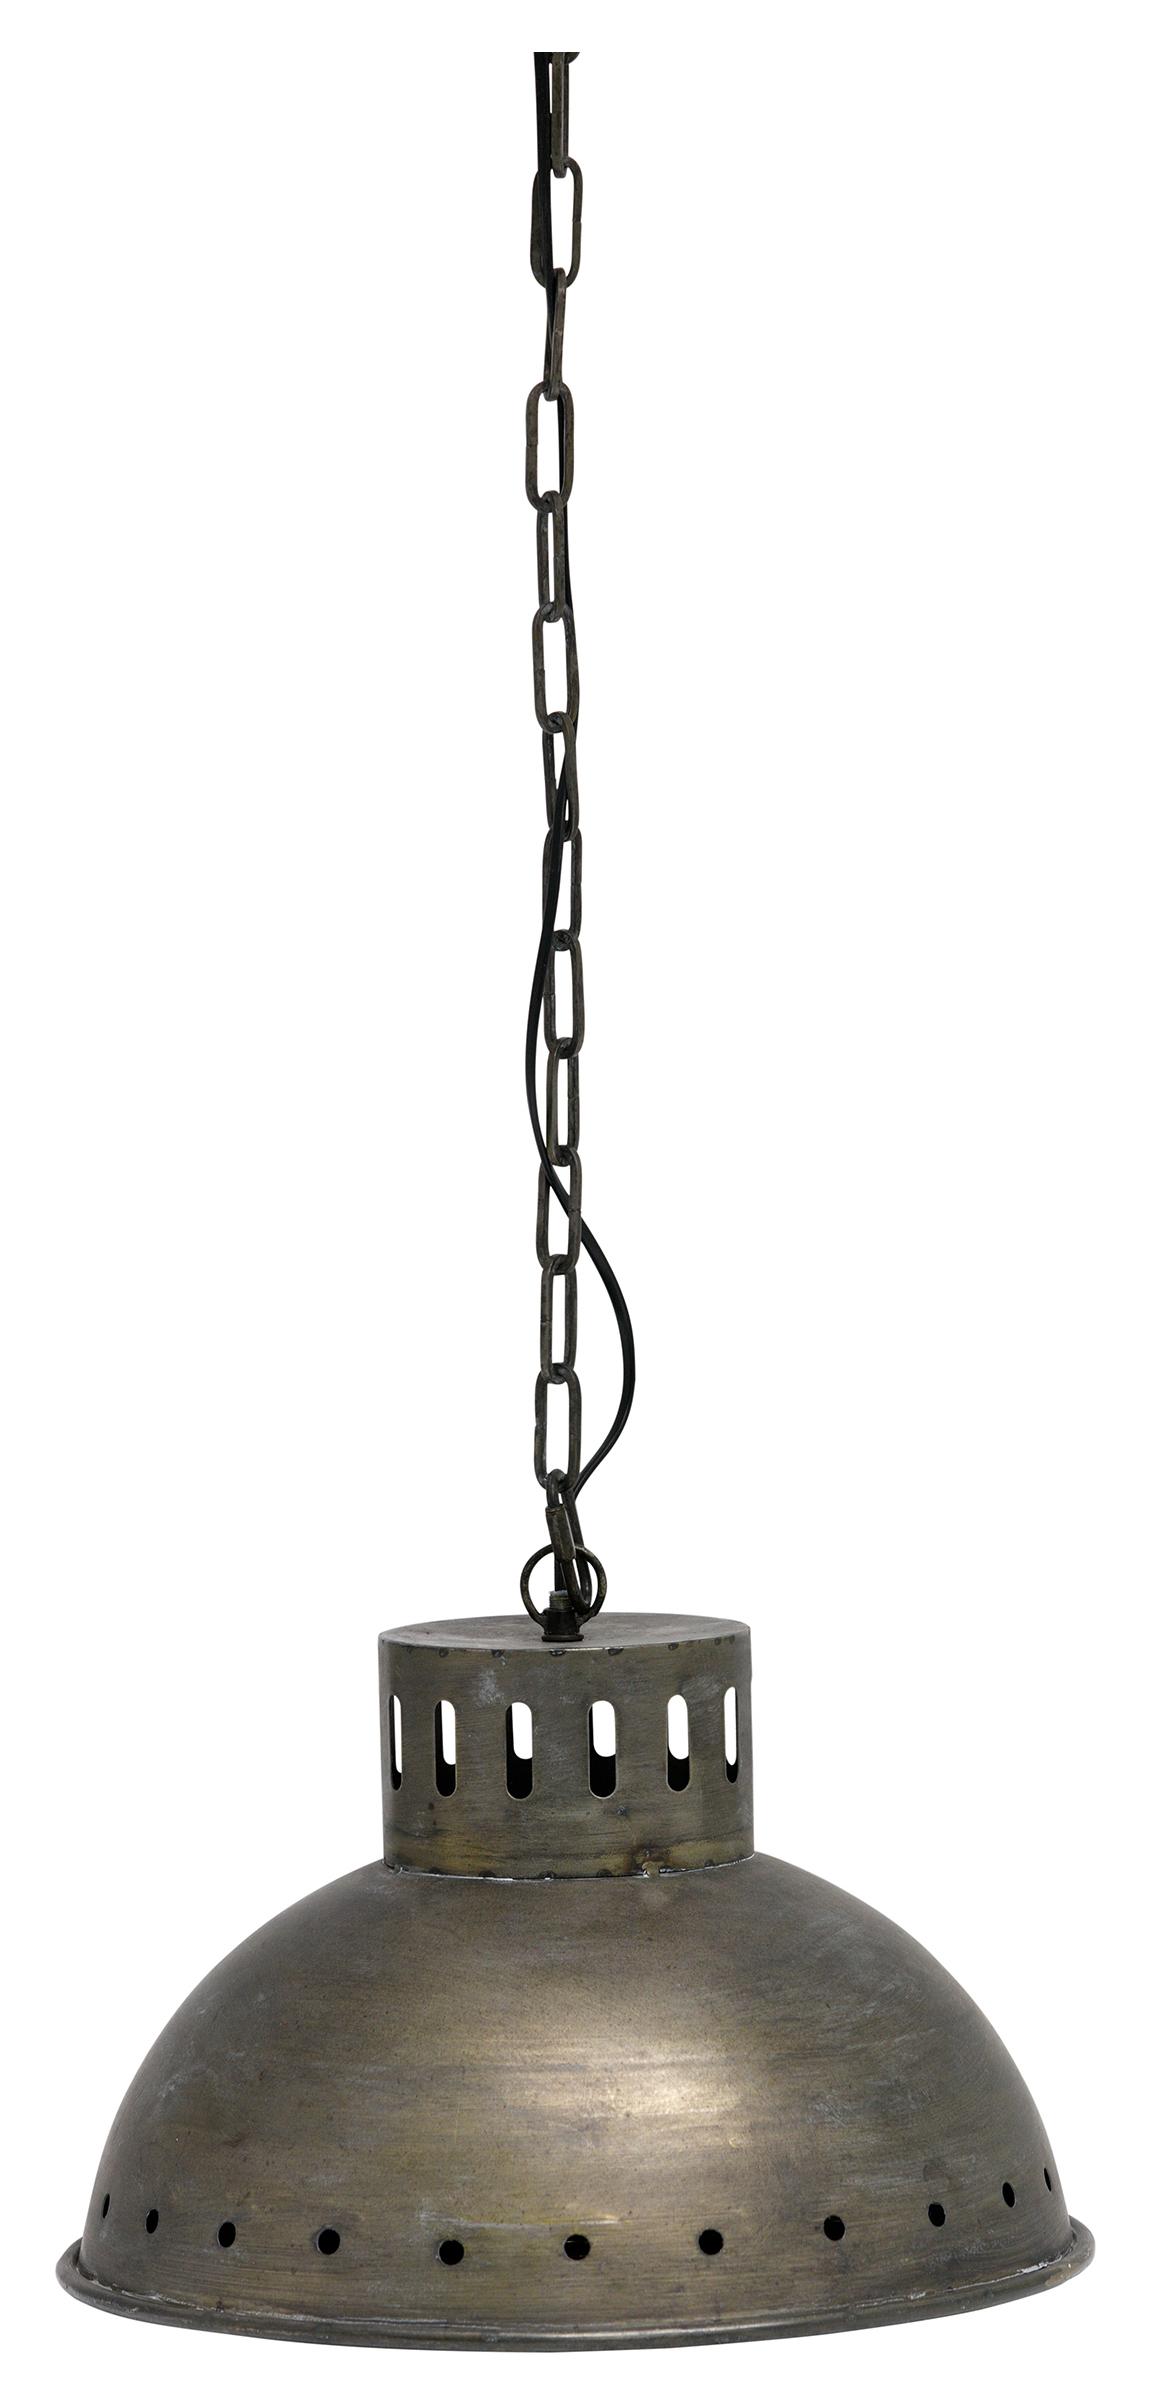 BePureHome Hanglamp 'Kettle' Verlichting | Hanglampen kopen